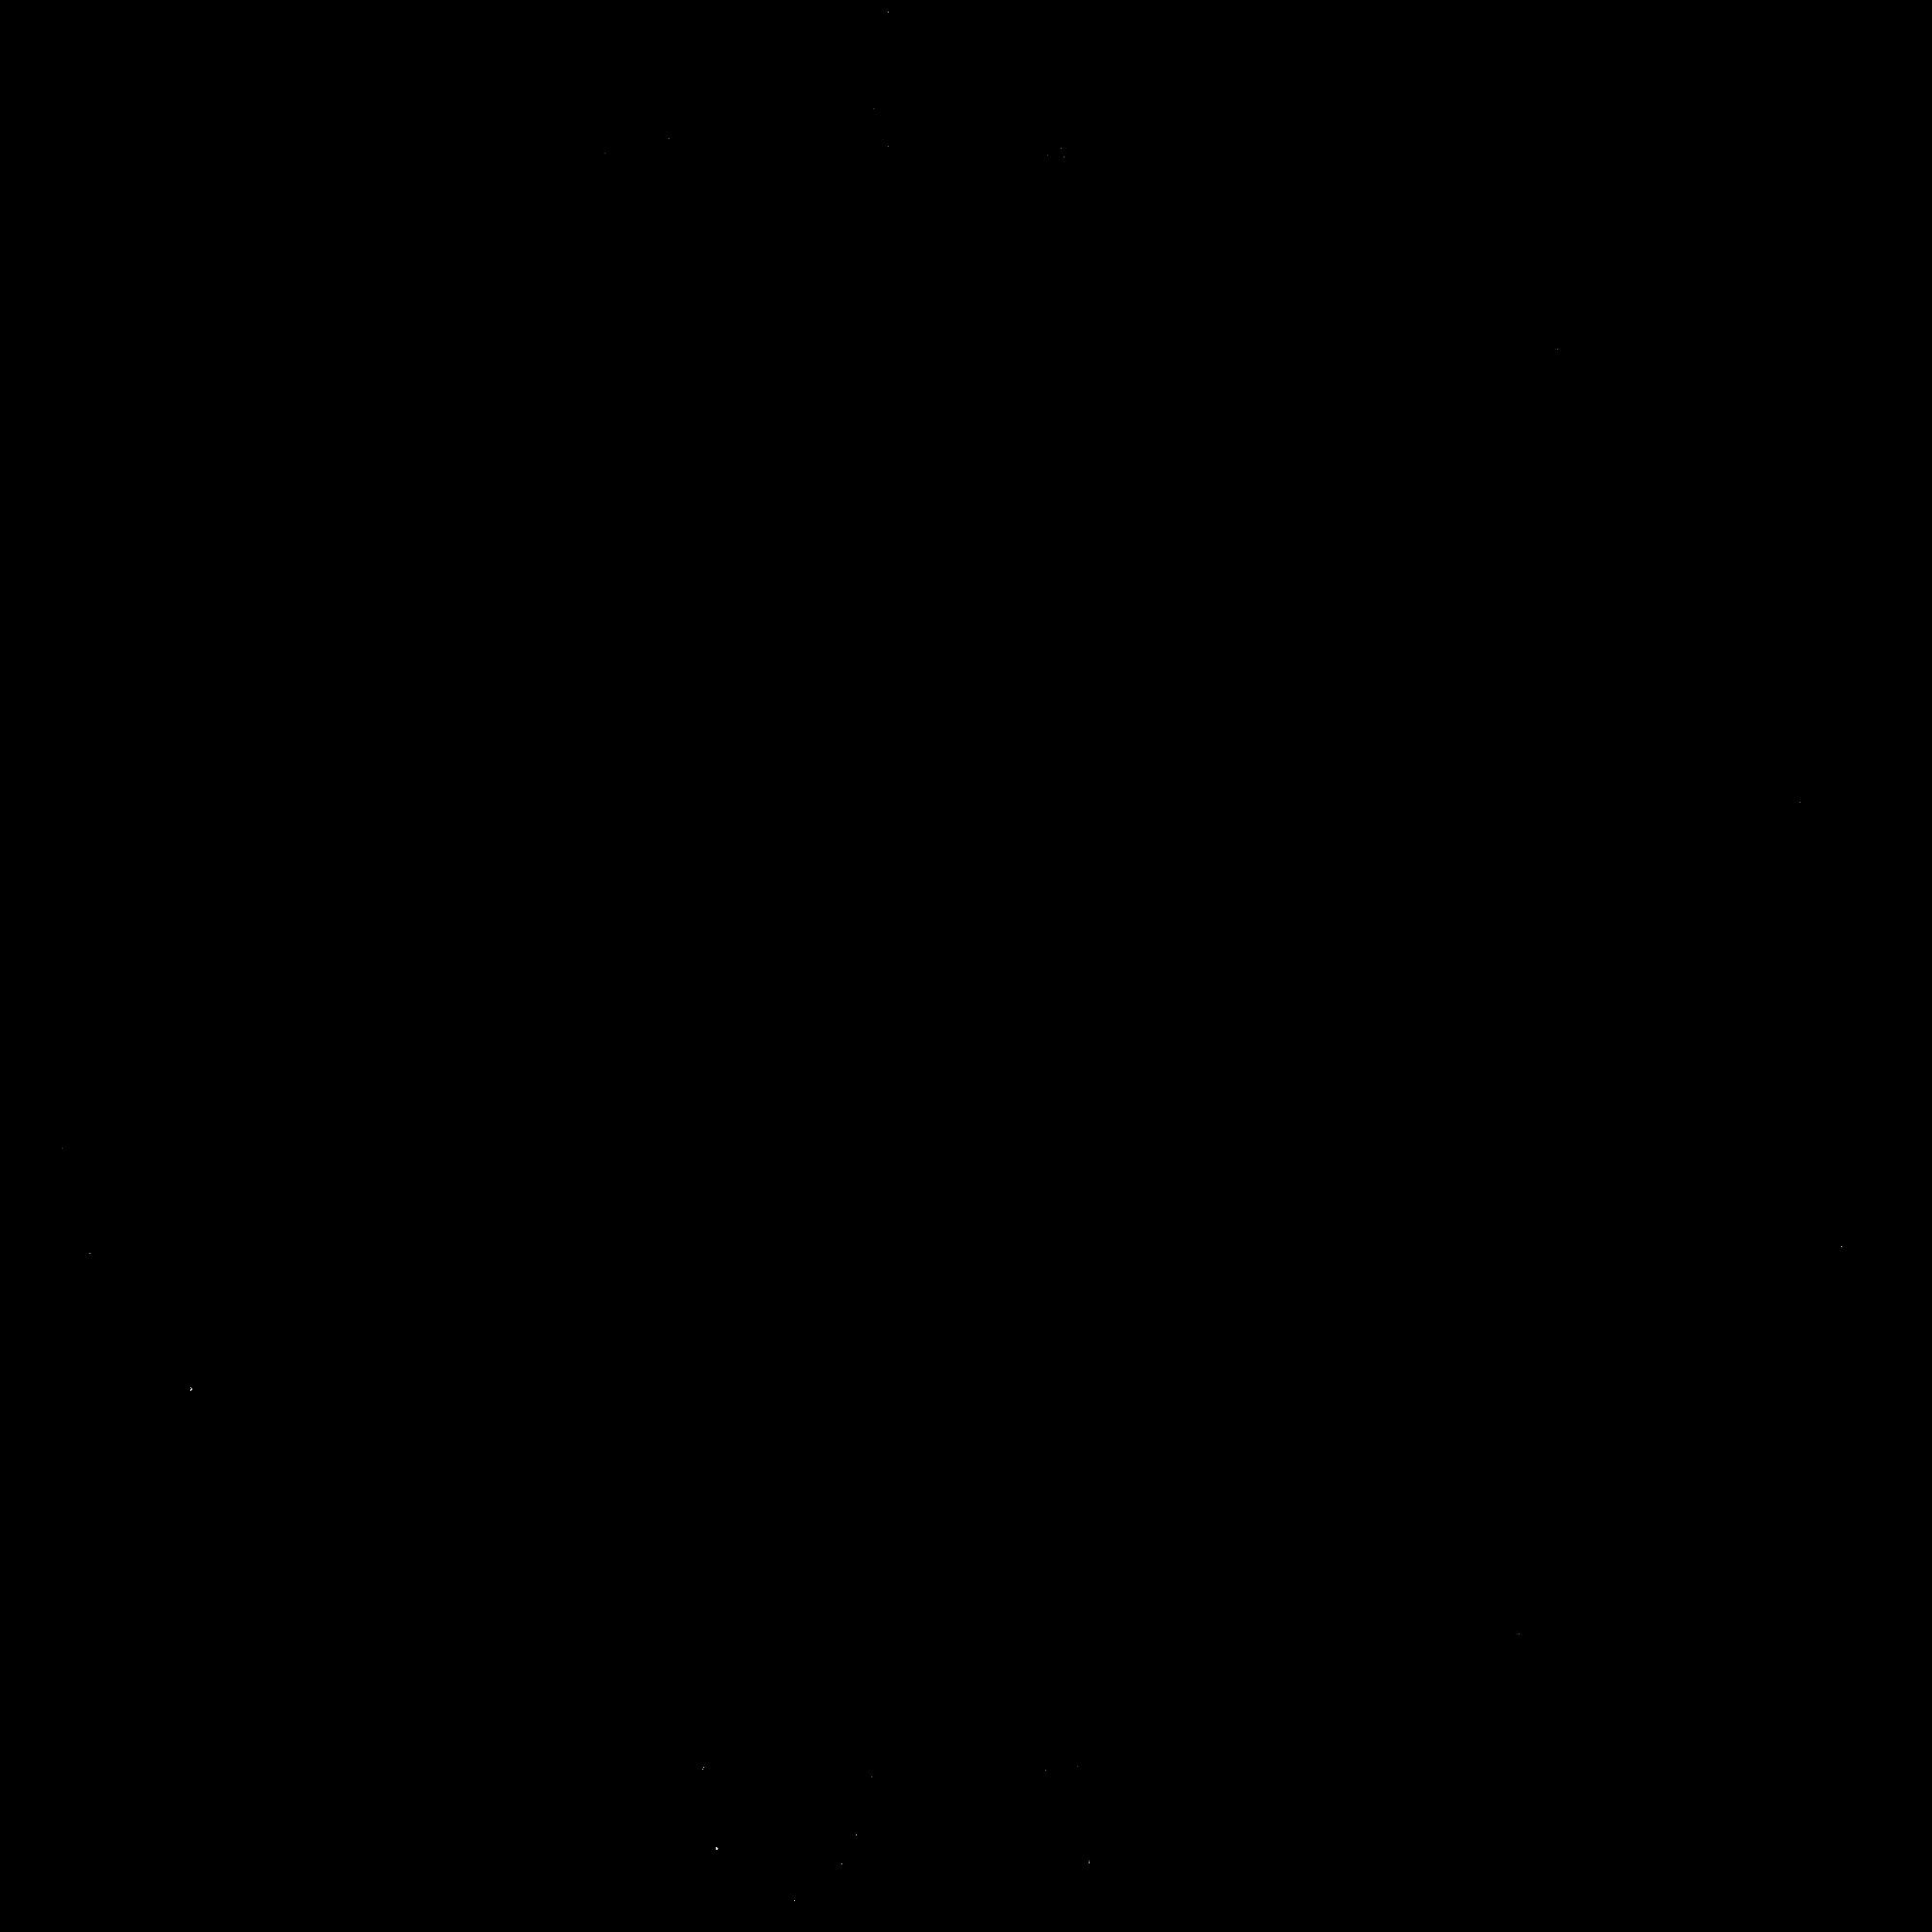 Tábua da Arte de Trithemius 2º modelo - Goecia de Salomão